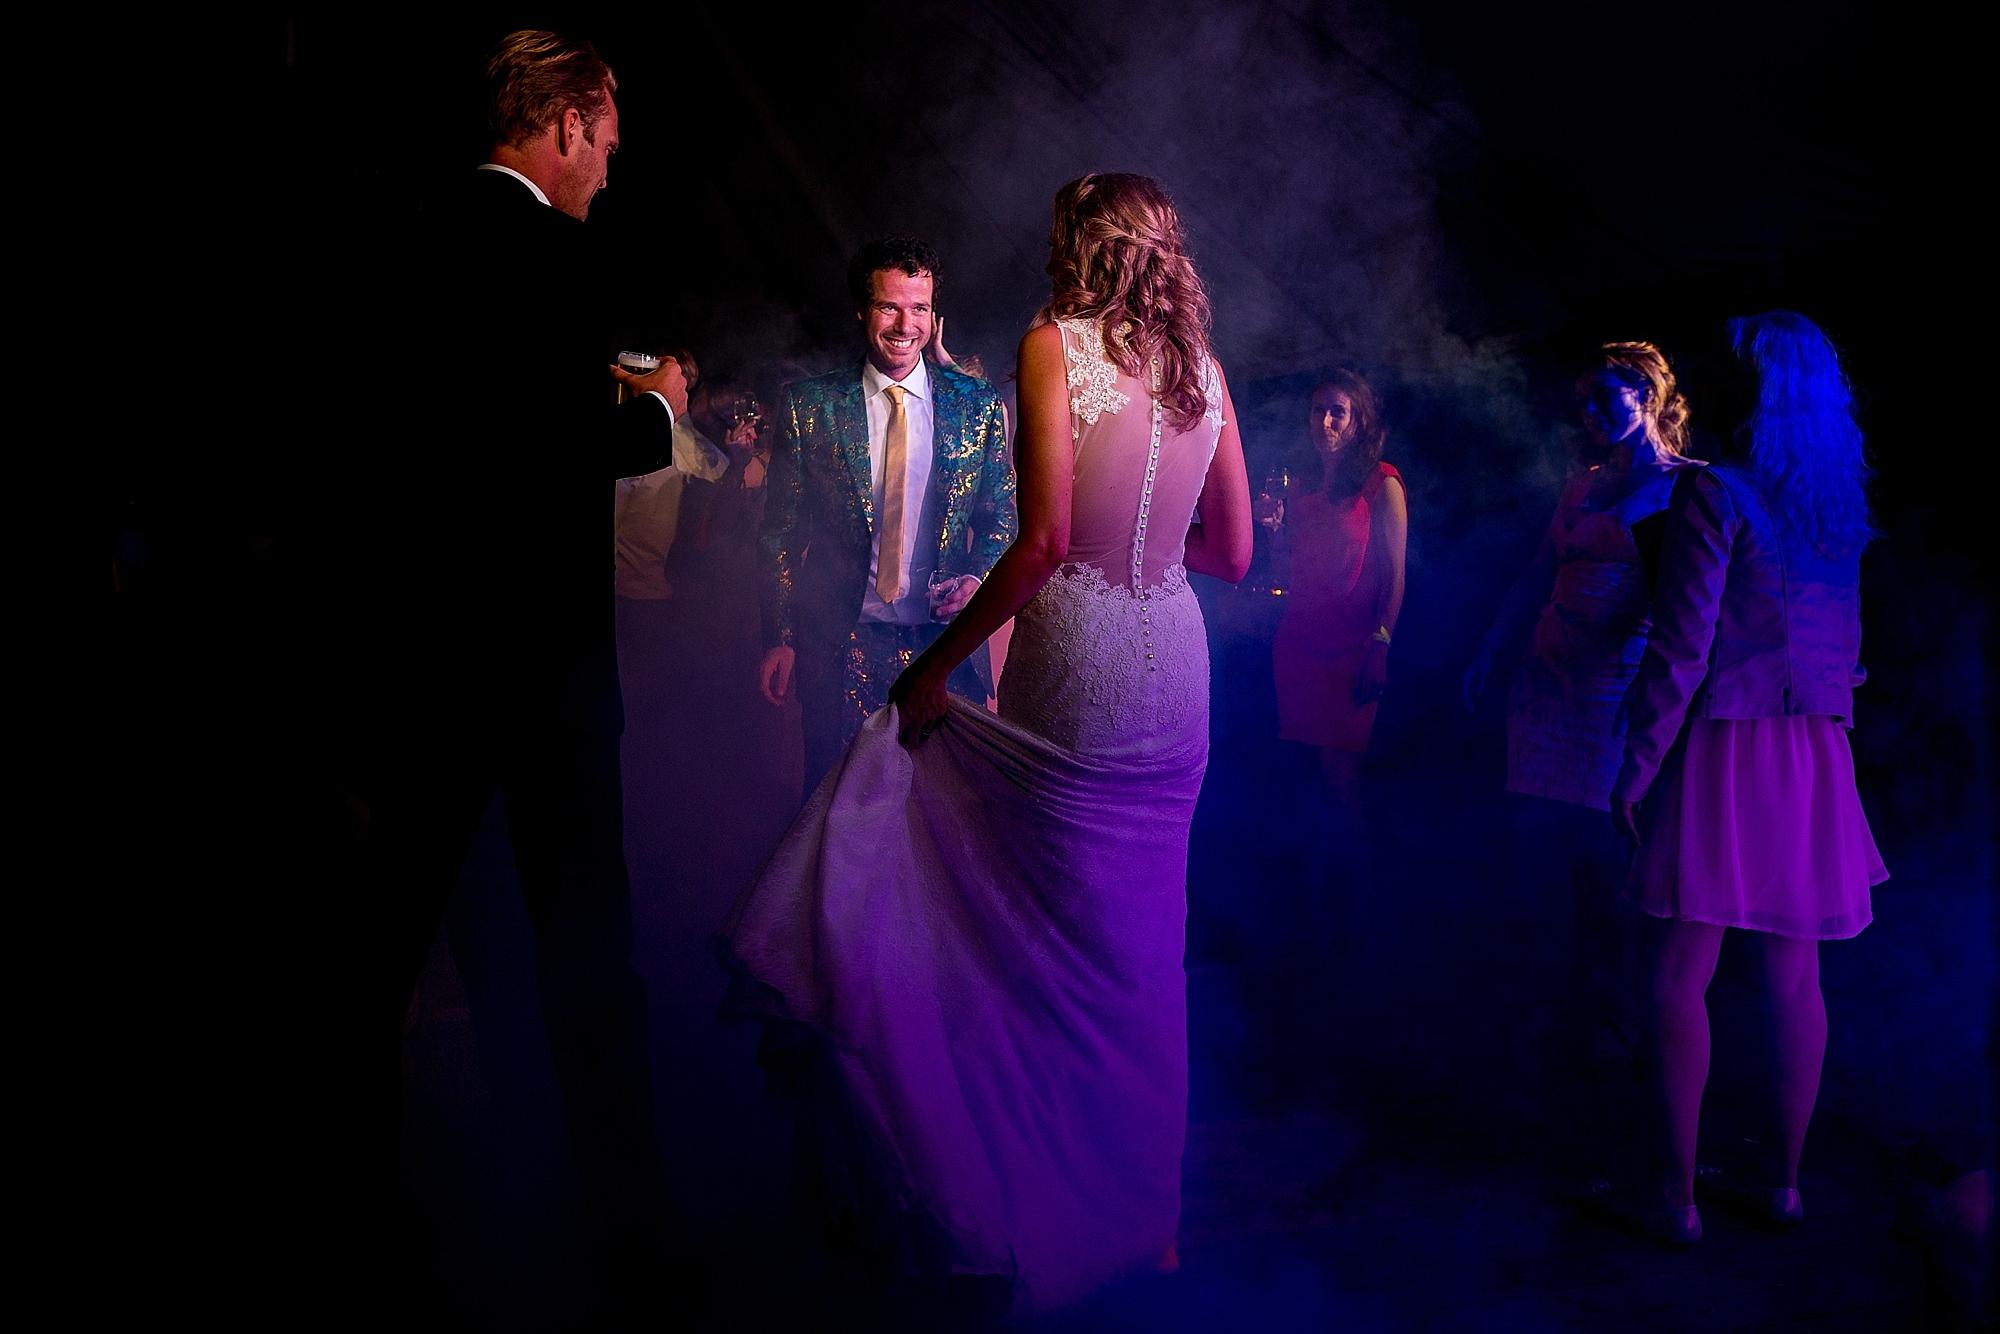 bruidsfotograaf-brabant-trouwen-in-het-bos-festivalbruiloft-vught-haaren_0111.jpg